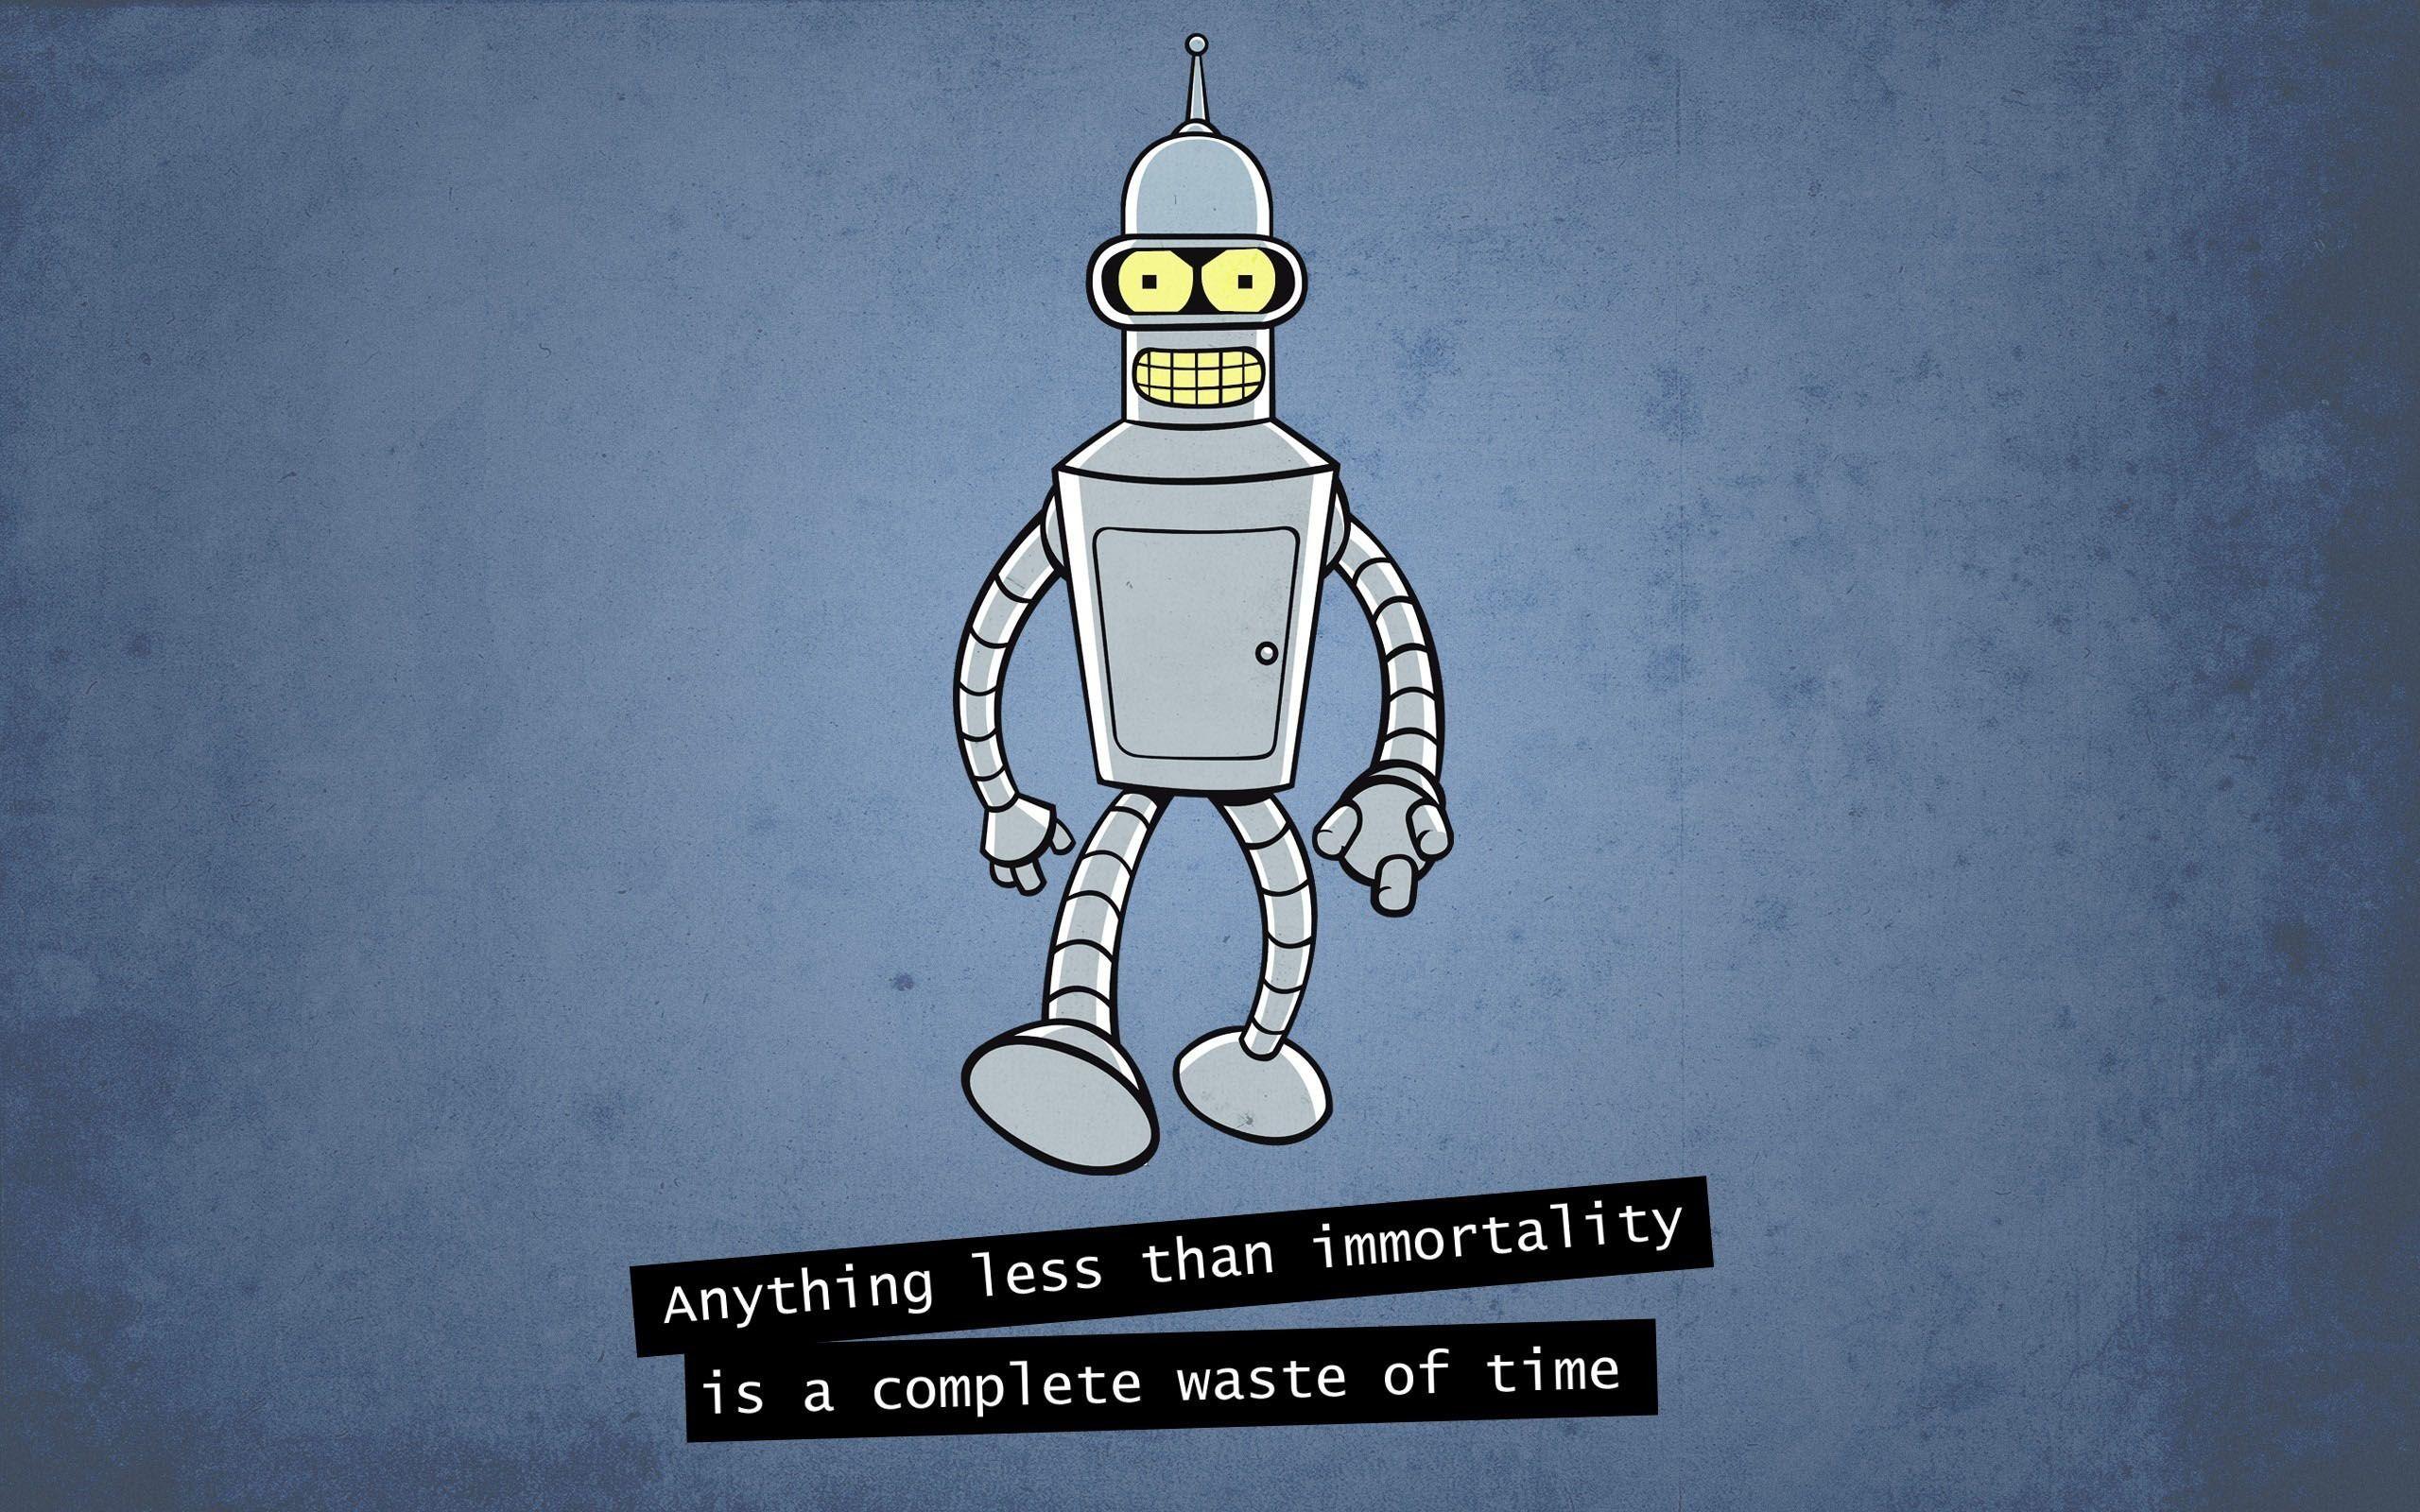 Bender Futurama Futurama Robot 2560x1600